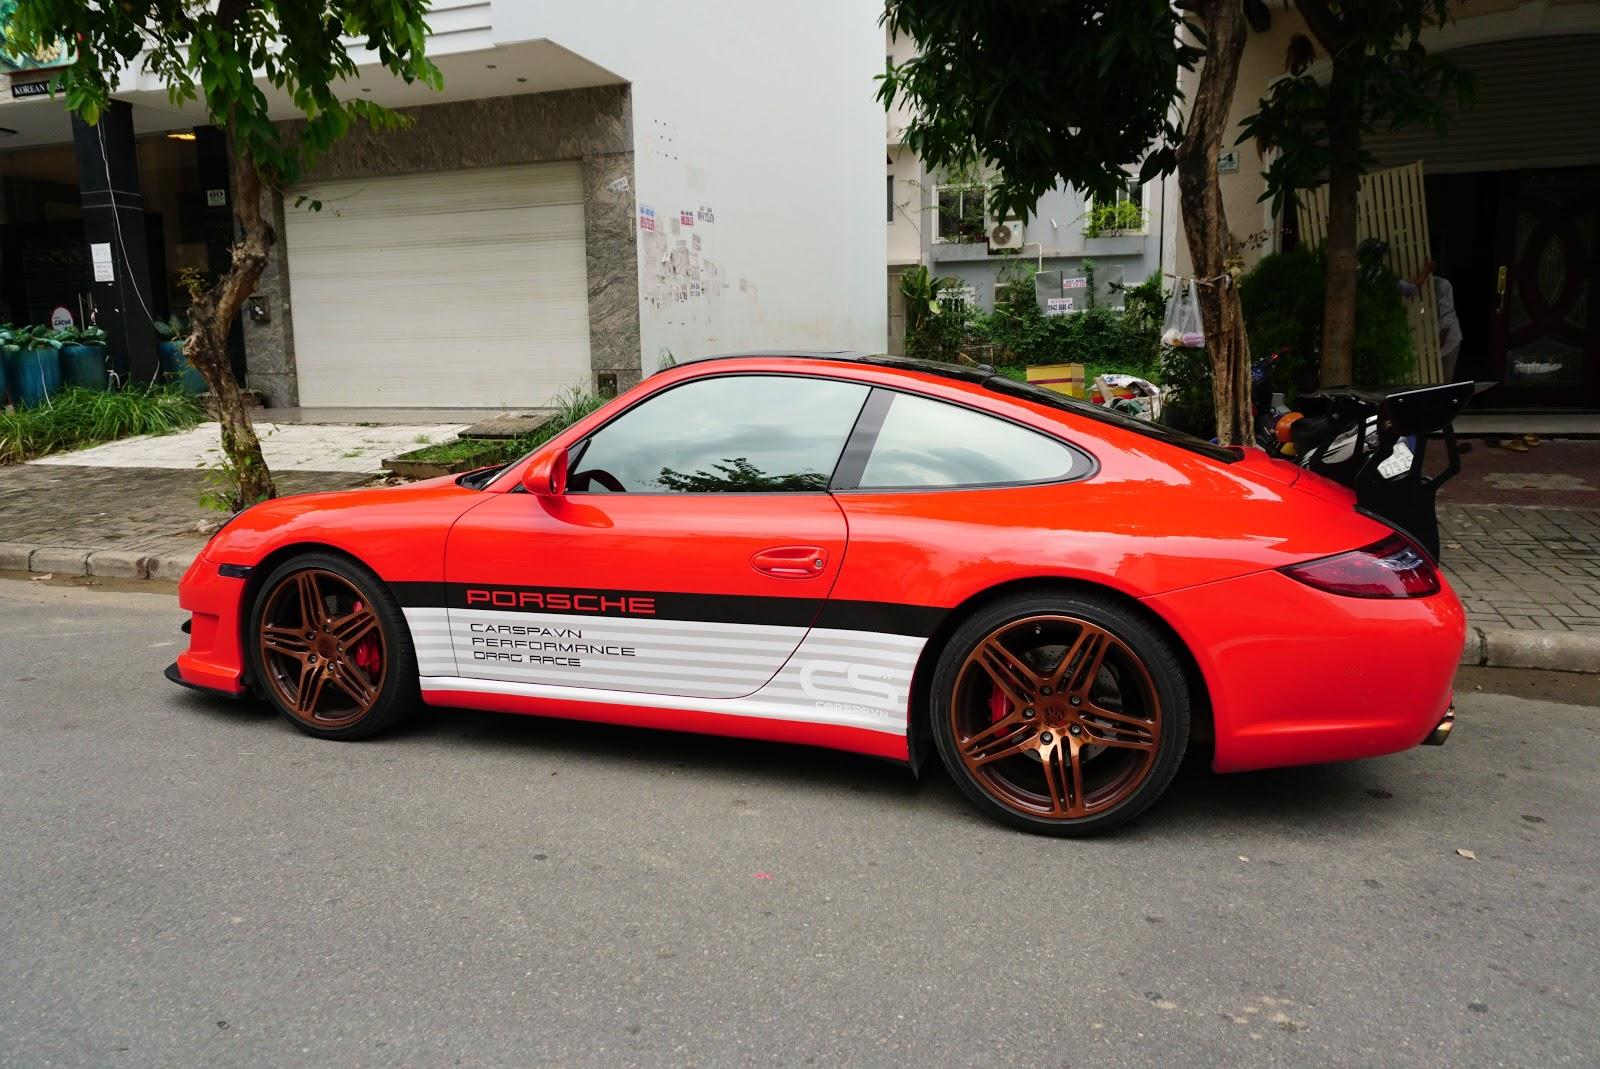 Chiếc Porsche 911 Carrera S đỏ này rất siêng ra đường hàng ngày tại Phú Mỹ Hưng